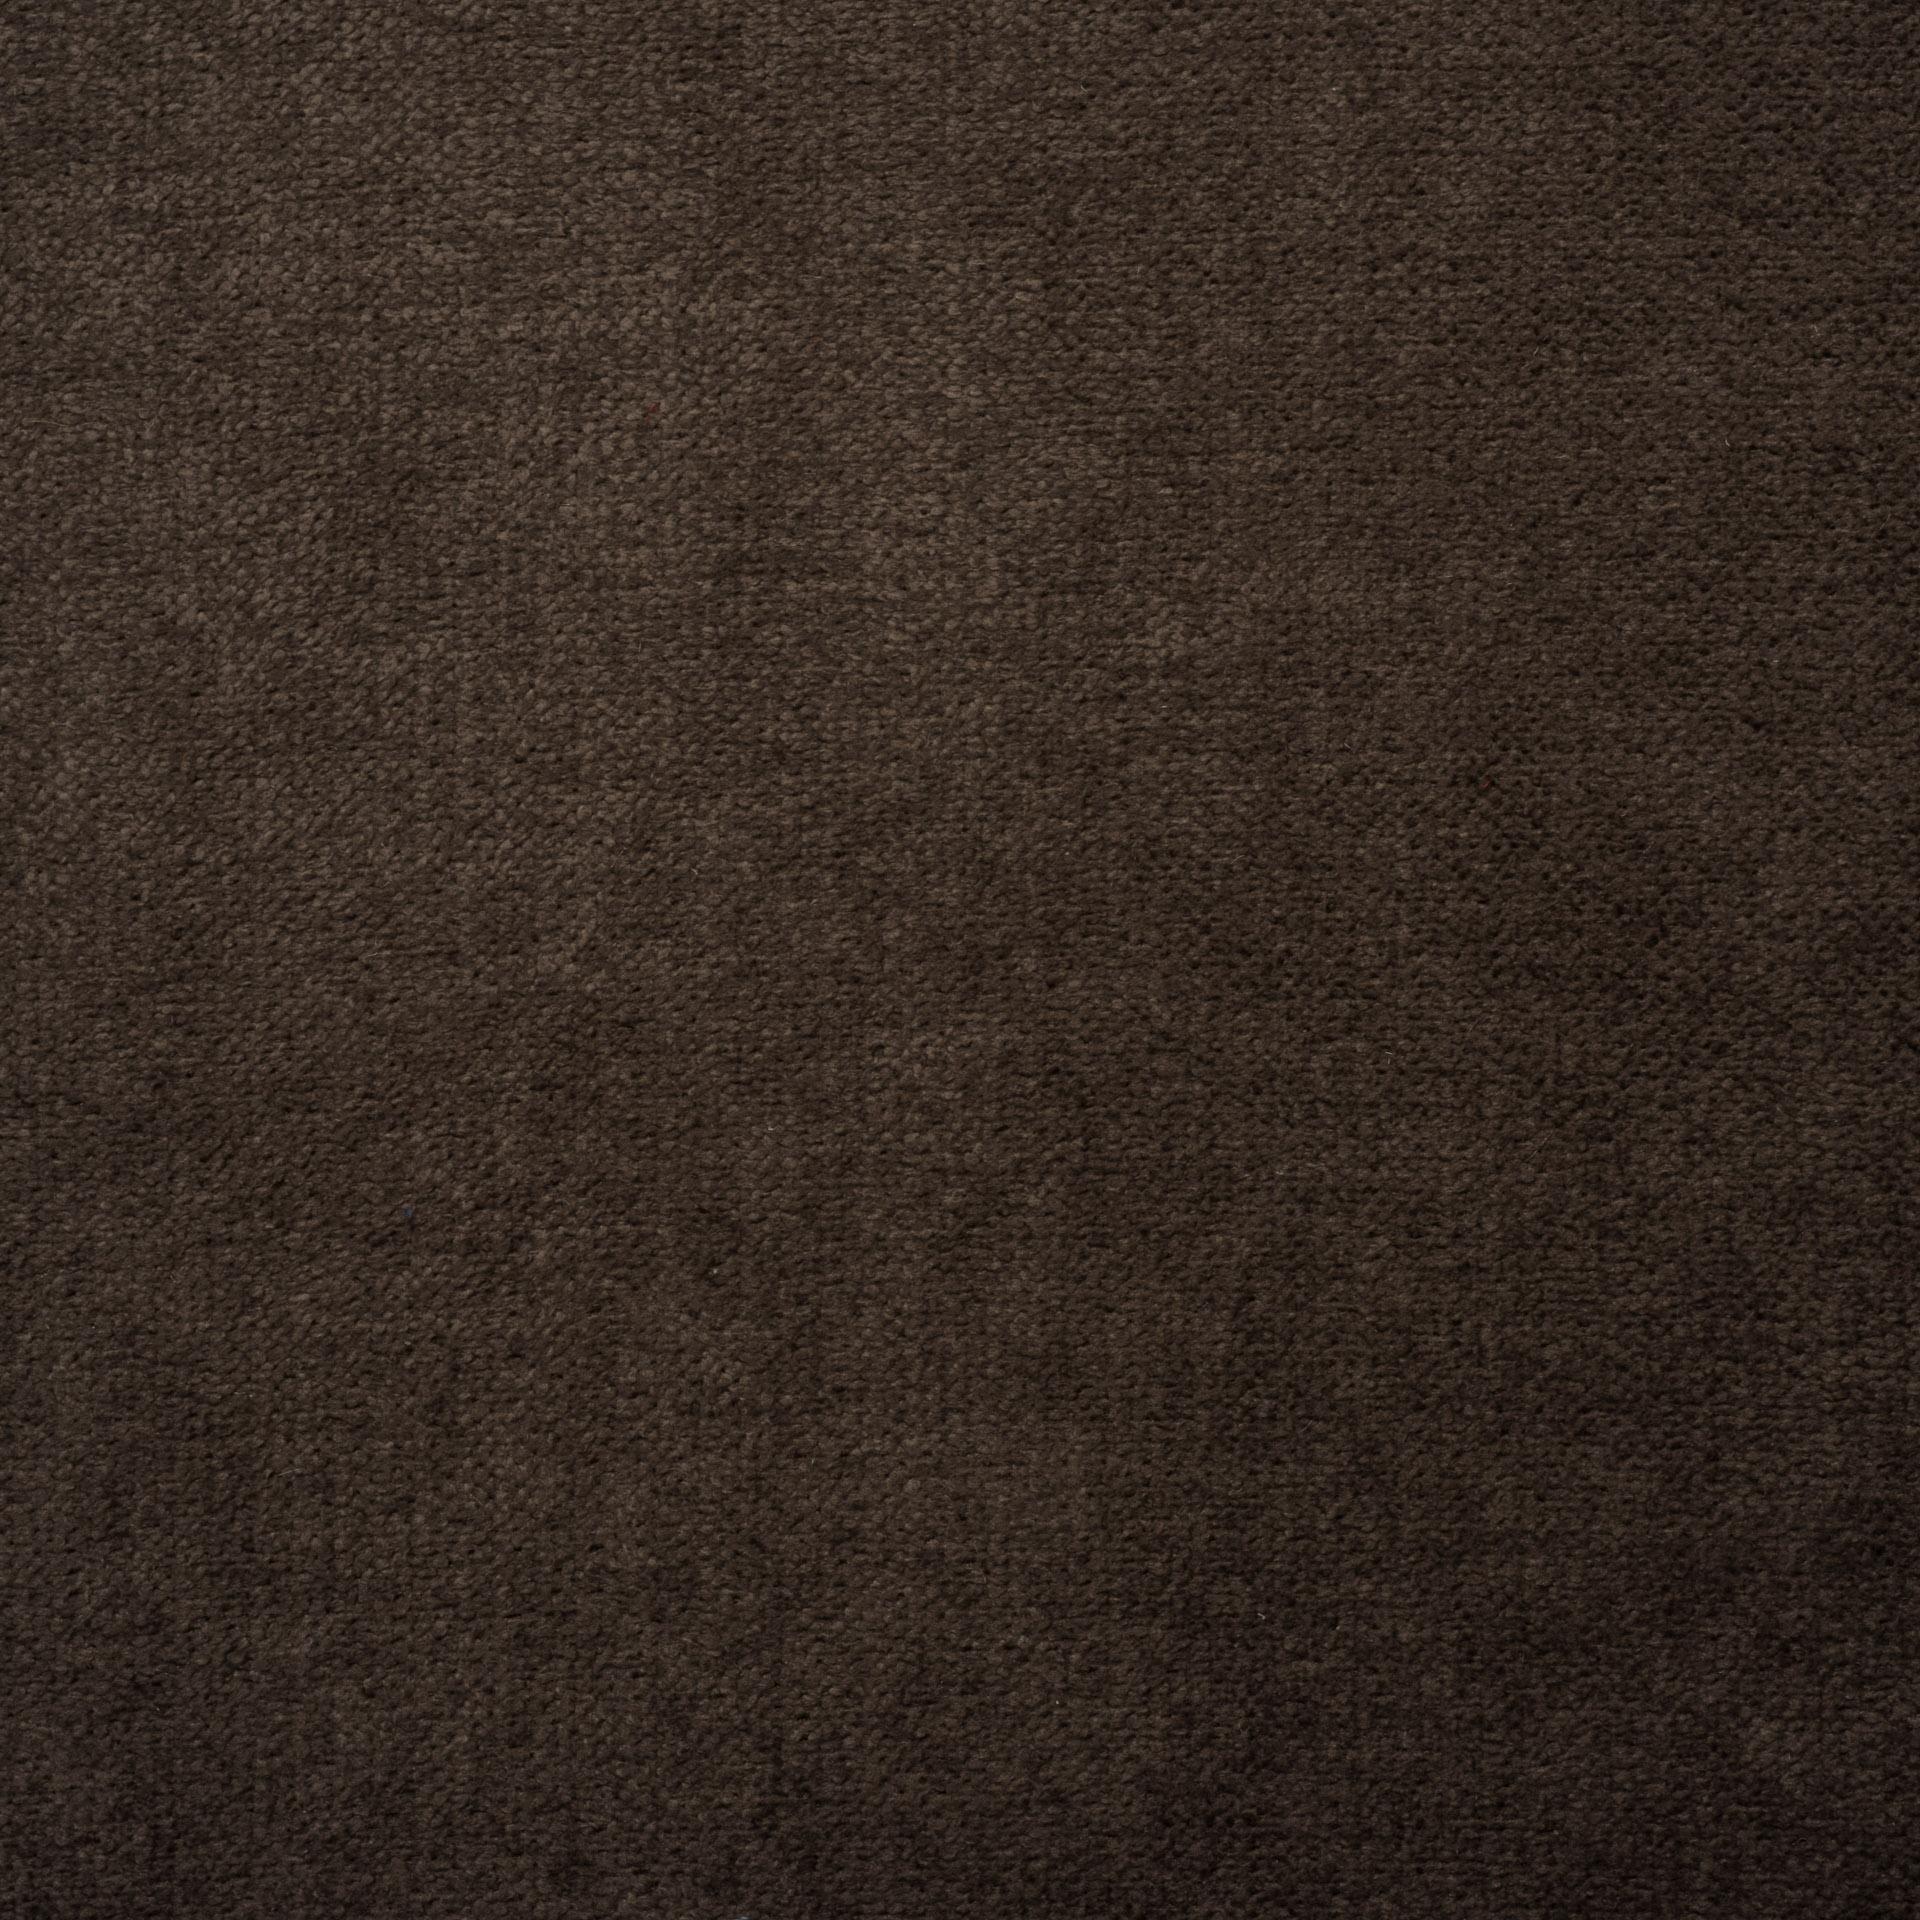 Коллекция ткани Аляска 03 WILD MUSTANG,  купить ткань Жаккард для мебели Украина